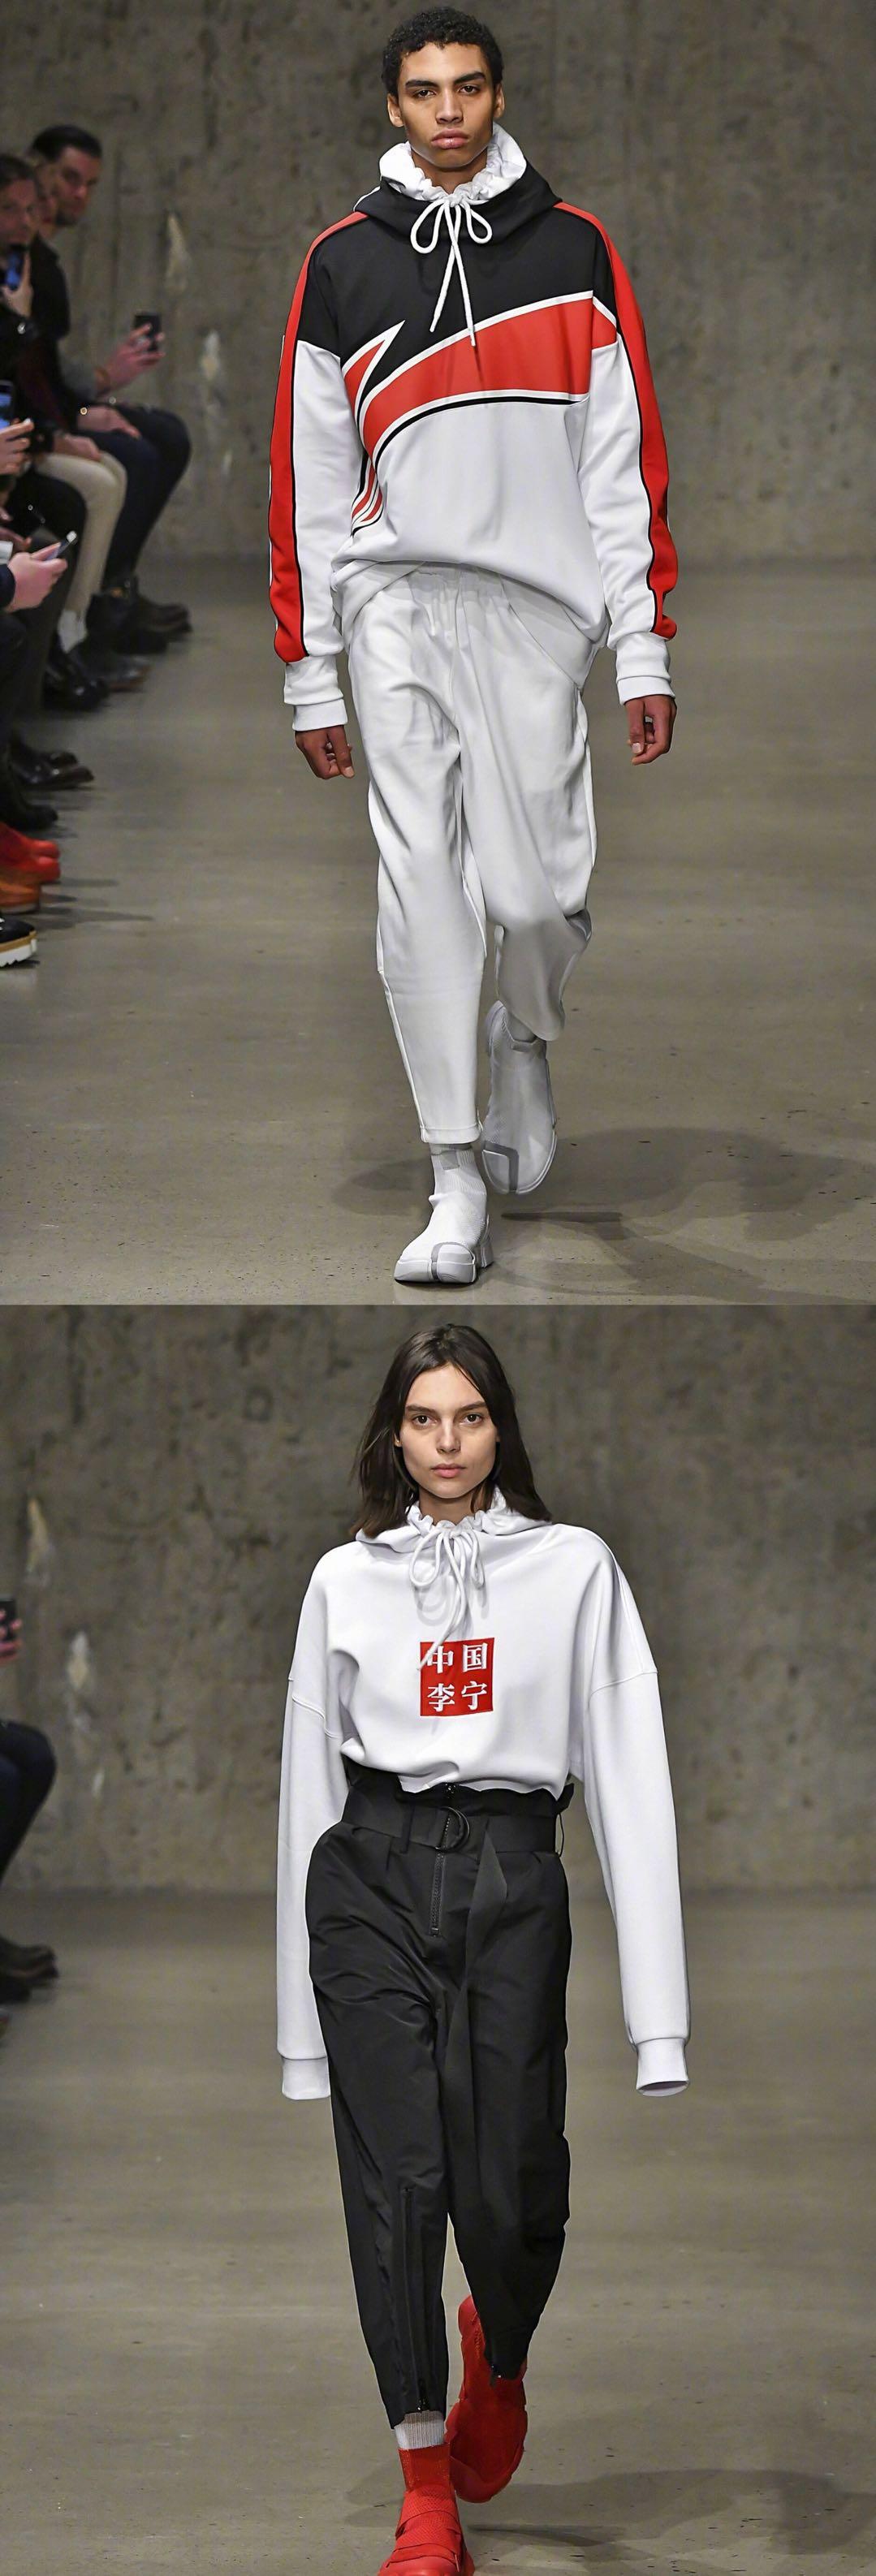 中国运动风惊艳纽约时装周 LI-NING 2018FW破茧重生火力全开